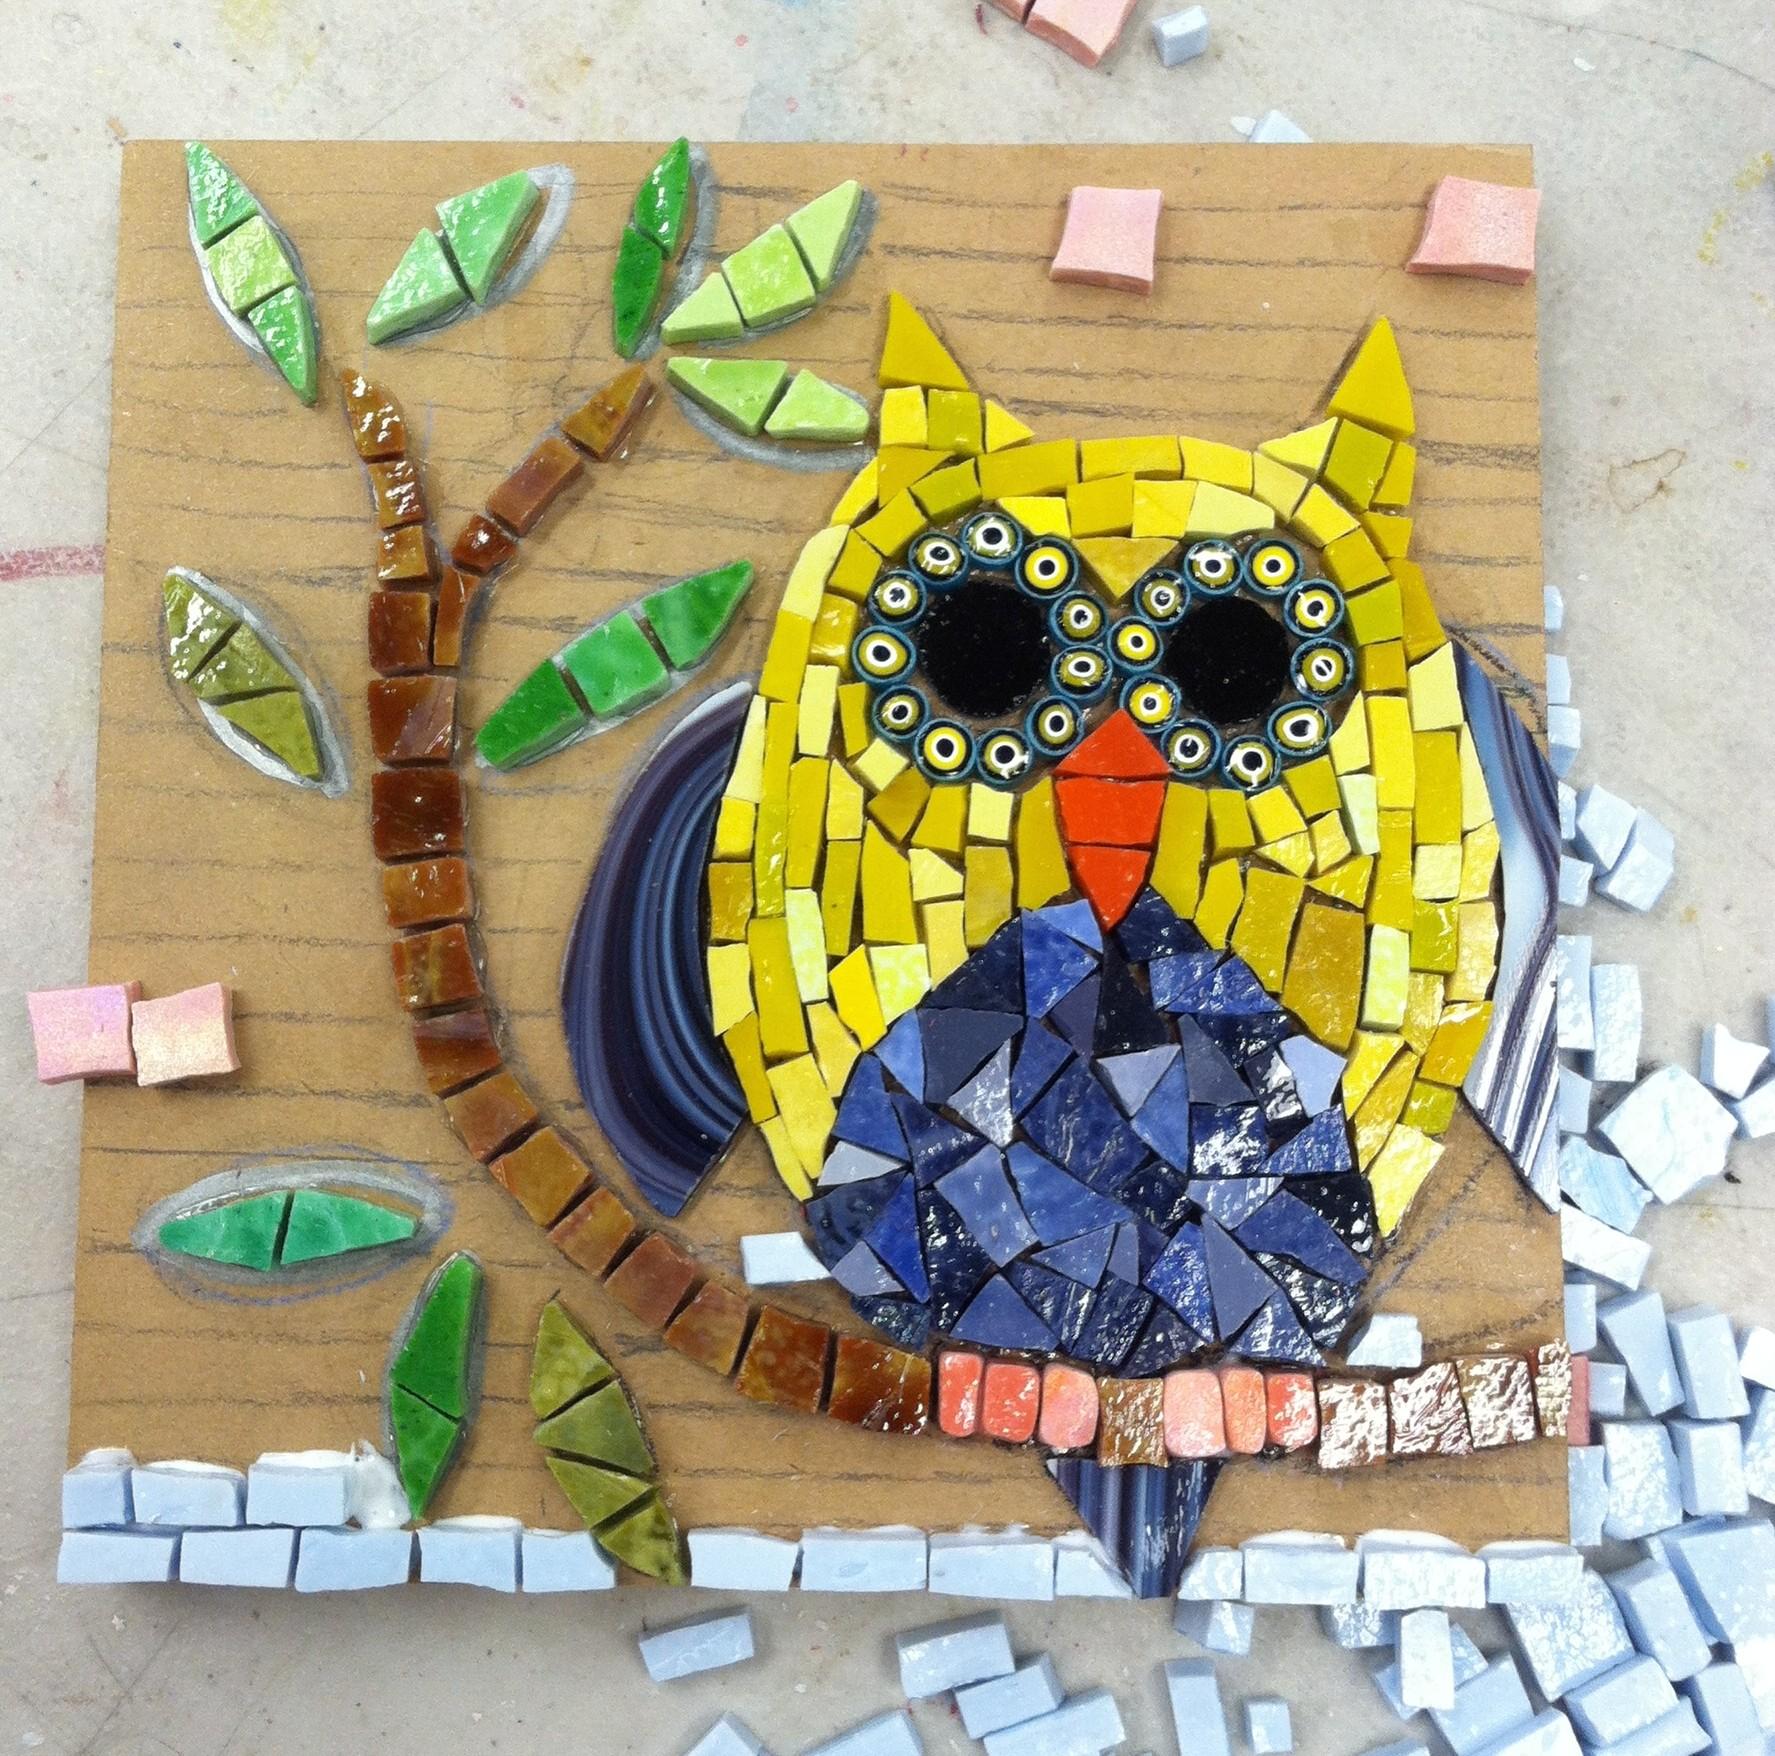 Leslie Walters' mosaic